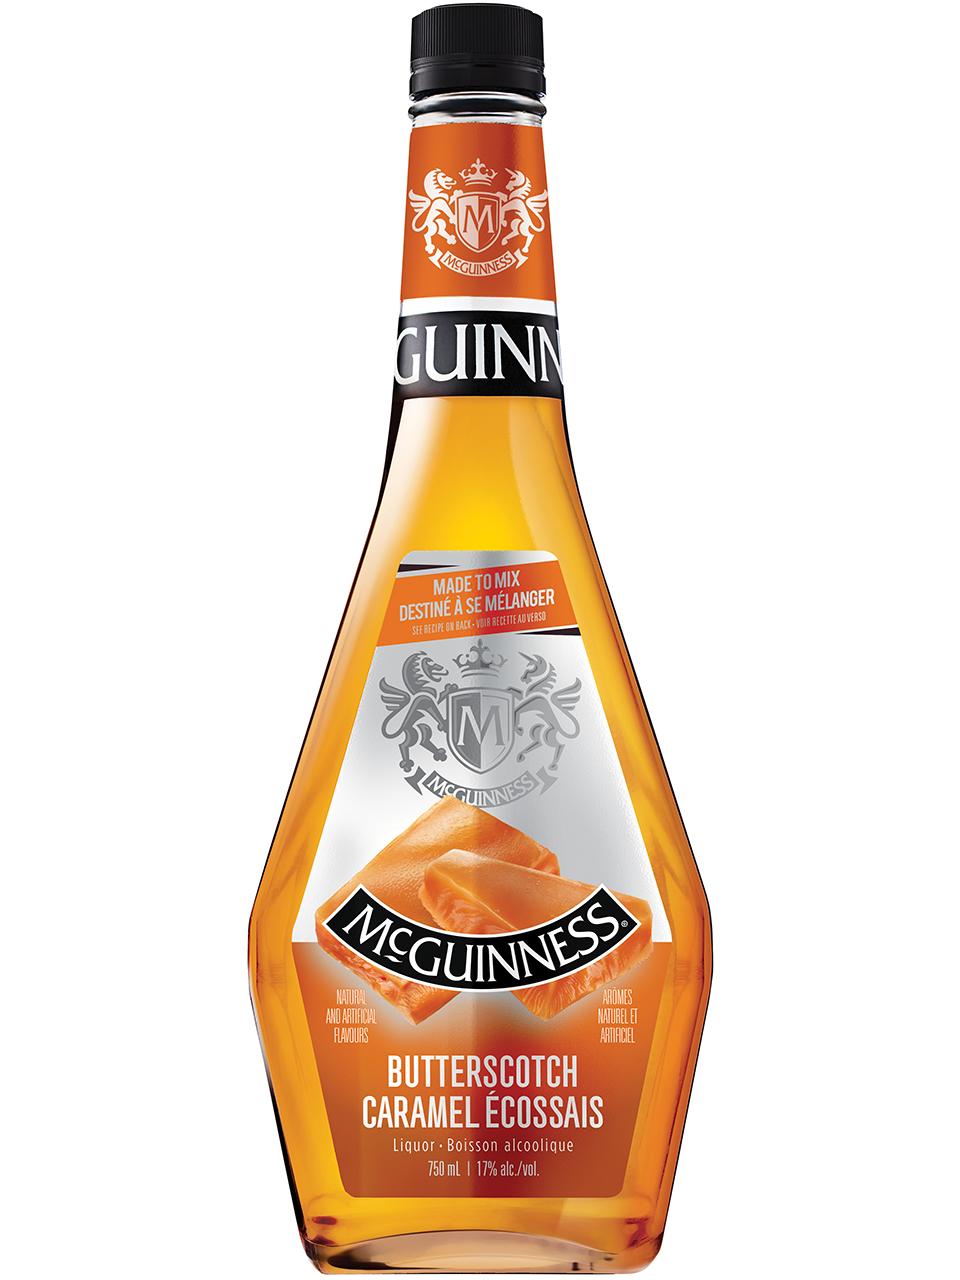 McGuinness Butterscotch